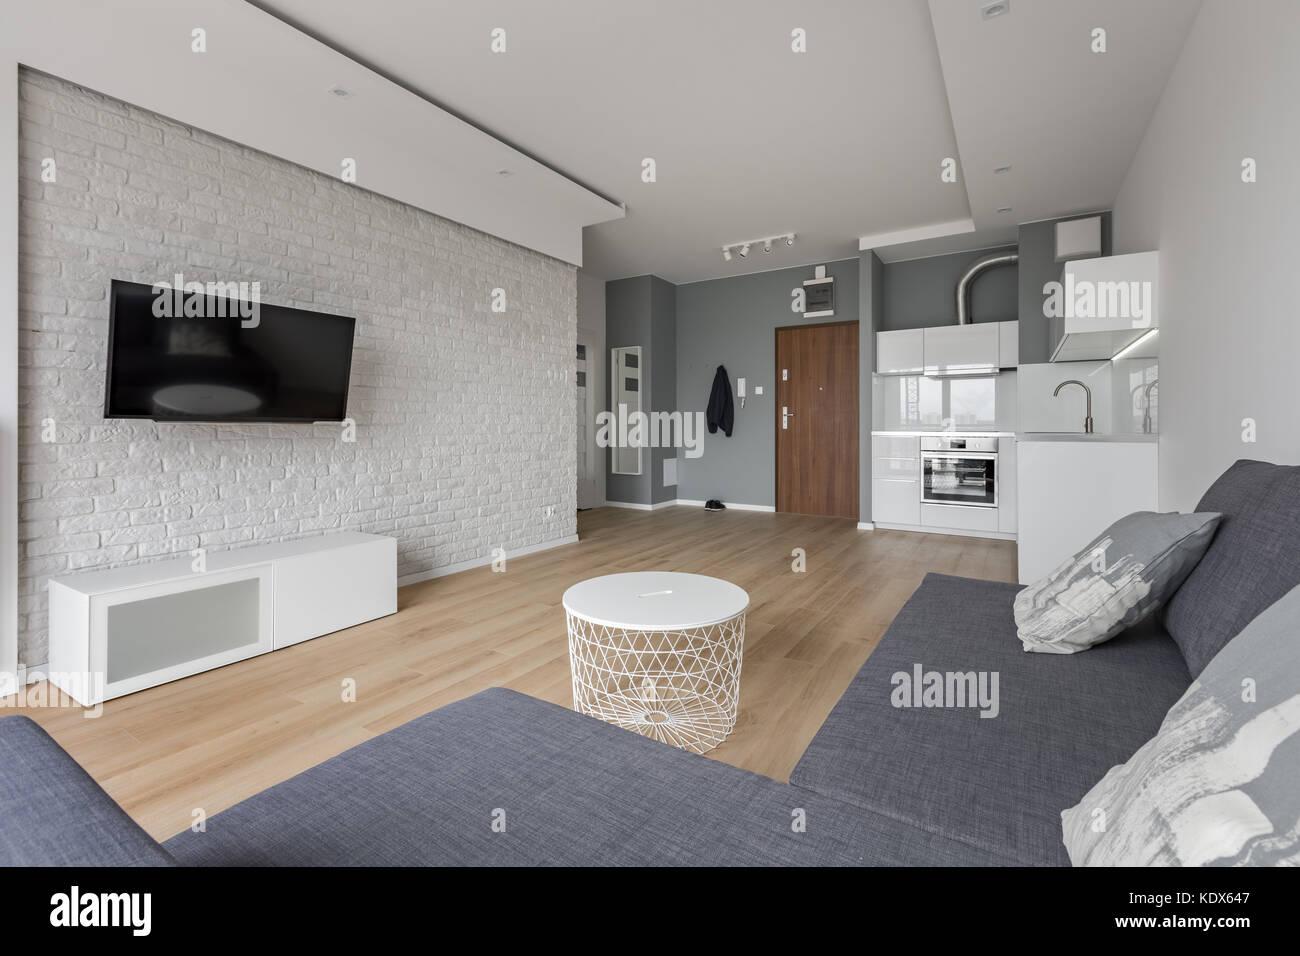 Sala E Divano.Studio Moderno Appartamento Con Sala Tv Un Divano E Una